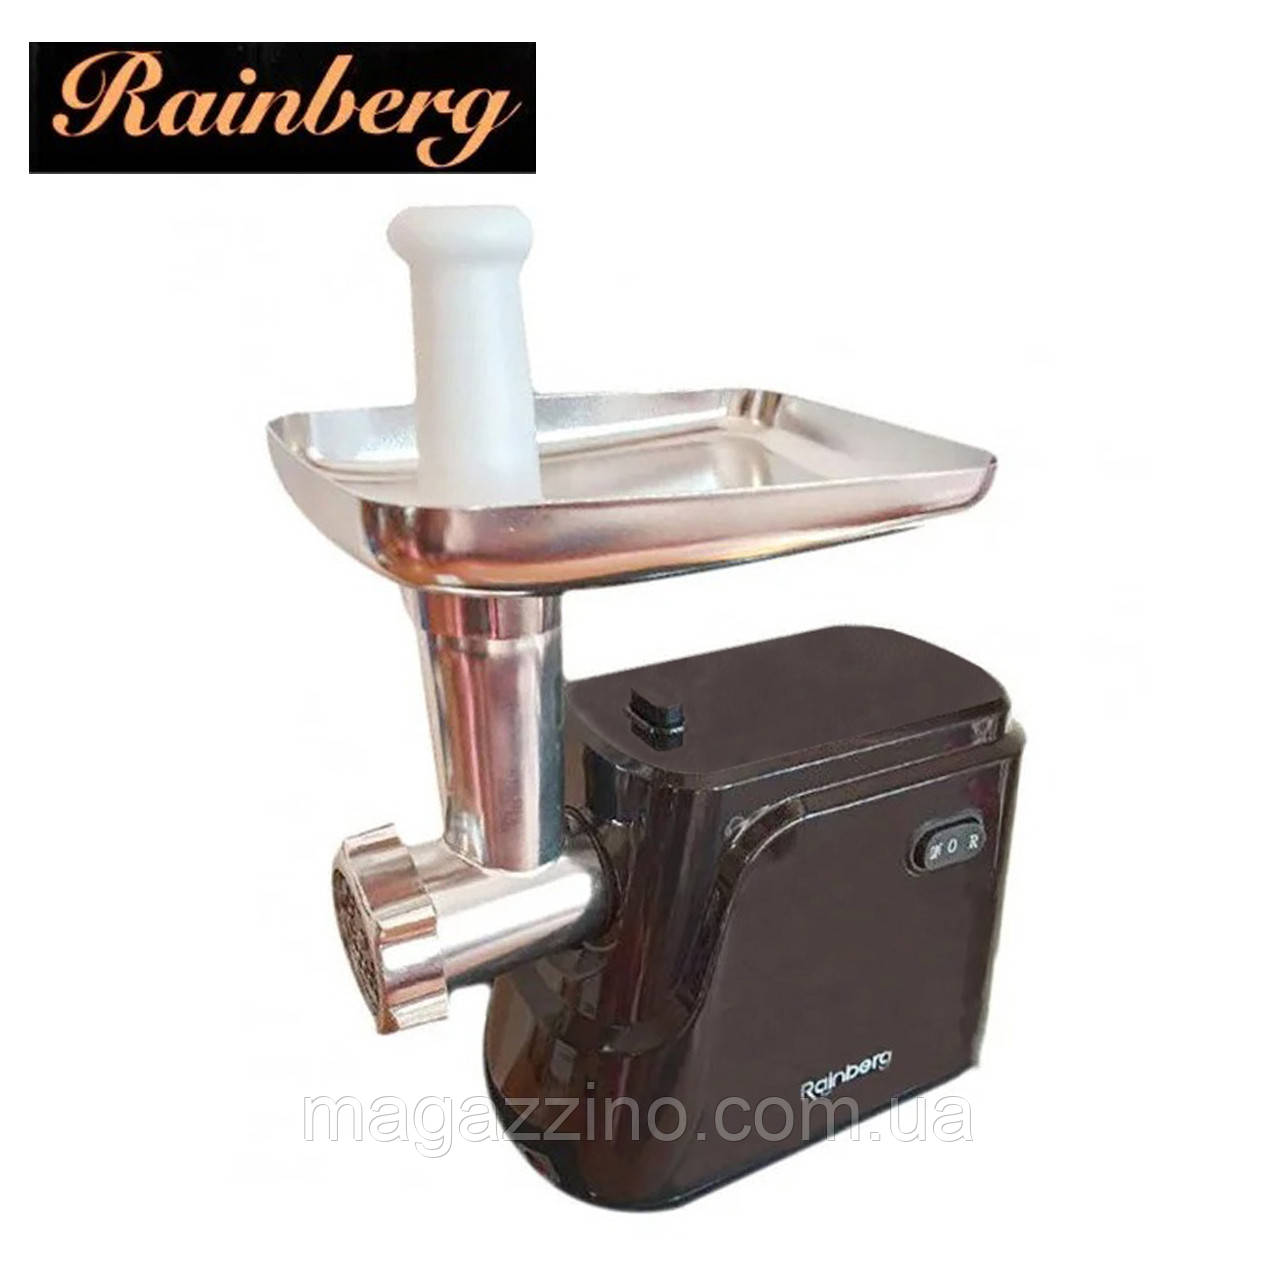 Электрическая мясорубка Rainberg RB-677, 2600 Вт.